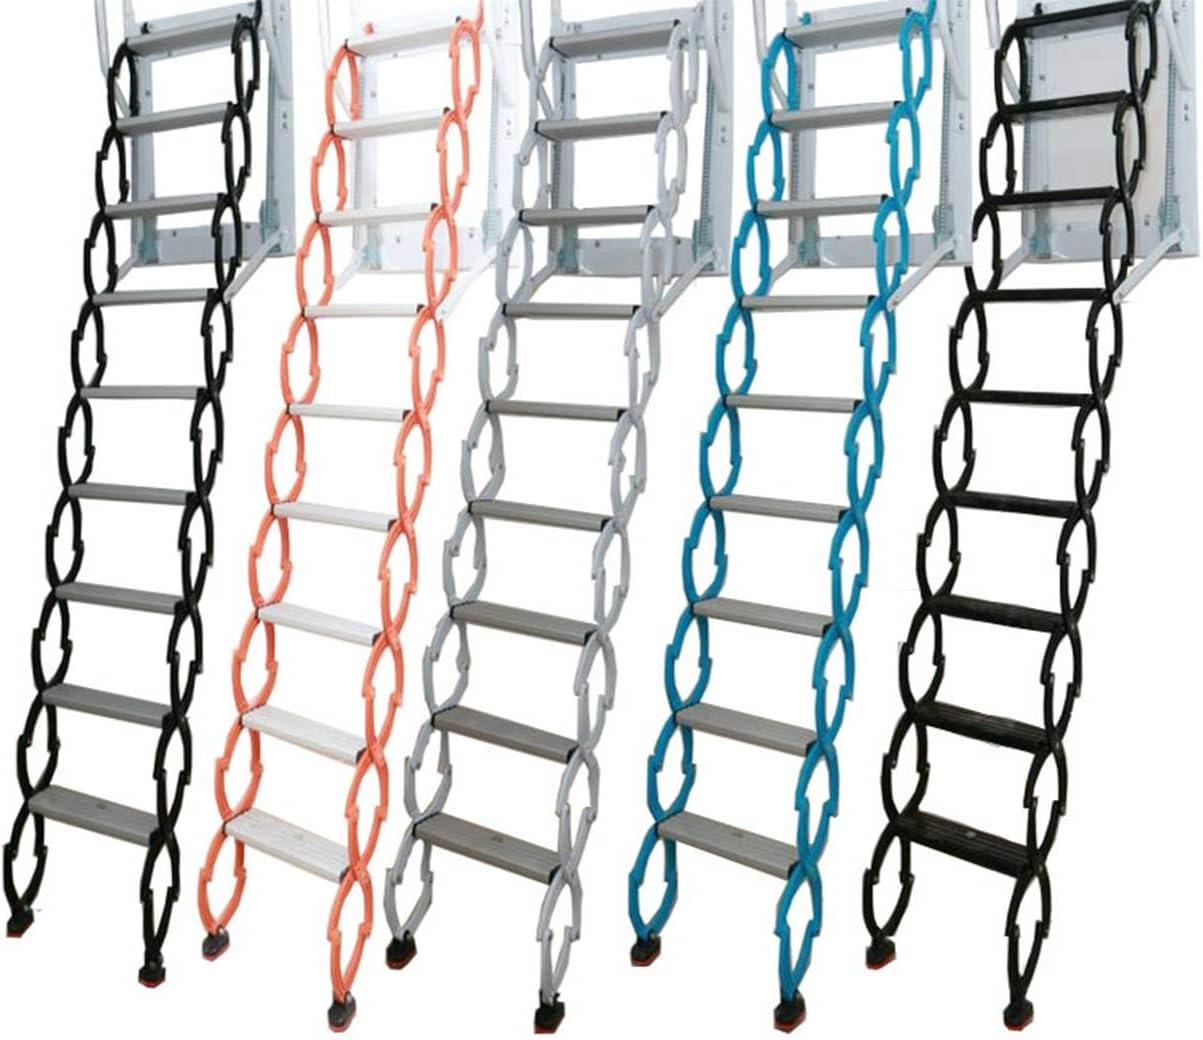 escalera plegable gruesa Acero,H//1.7M dise/ño nuevo de f/ábrica Escalera de escalera de pared de /ático de metal de acero de alta resistencia 1-4 m escalera de /ático